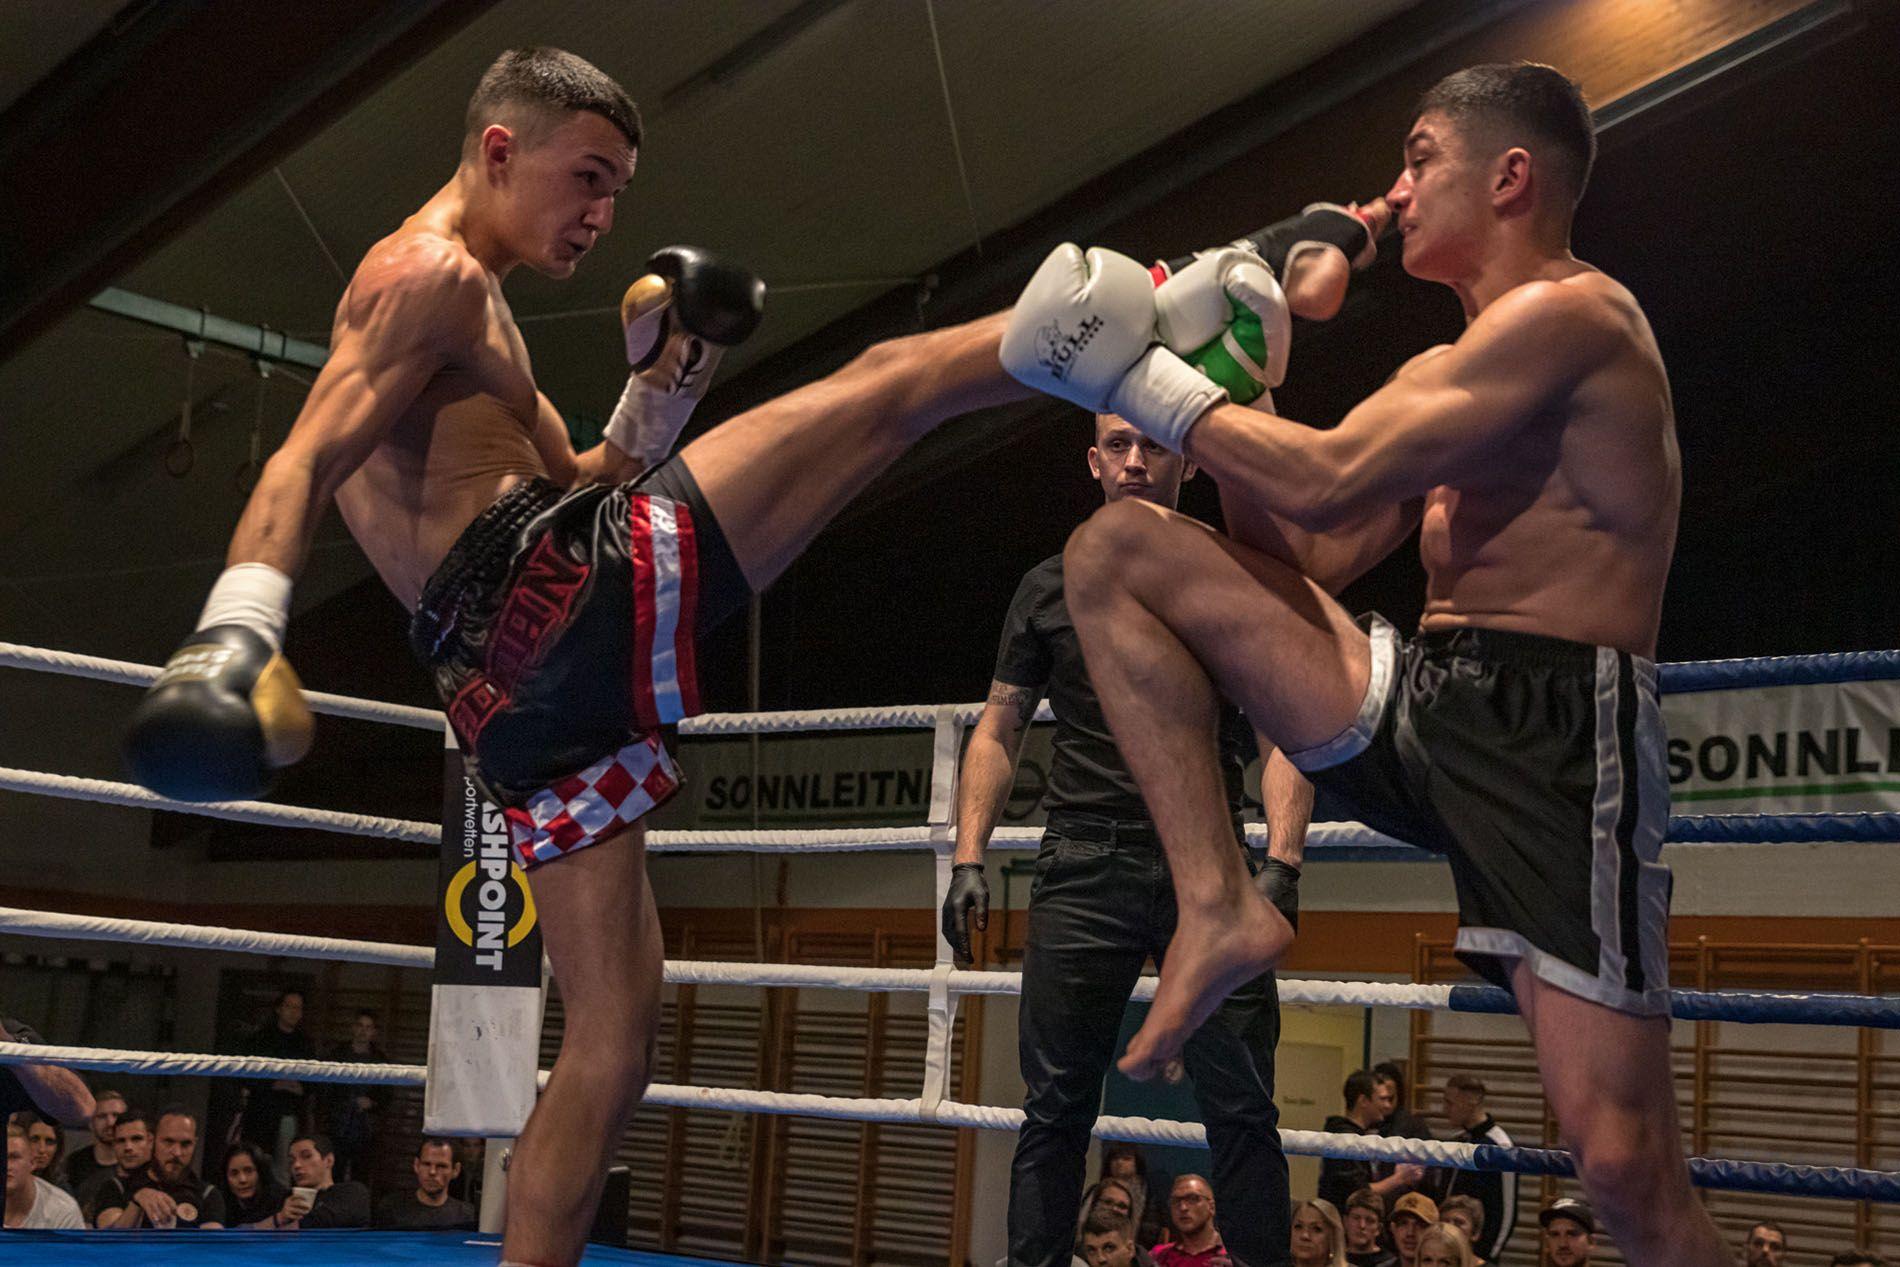 Anto Radman schlägt einen Push Kick ins gesicht seines Gegners